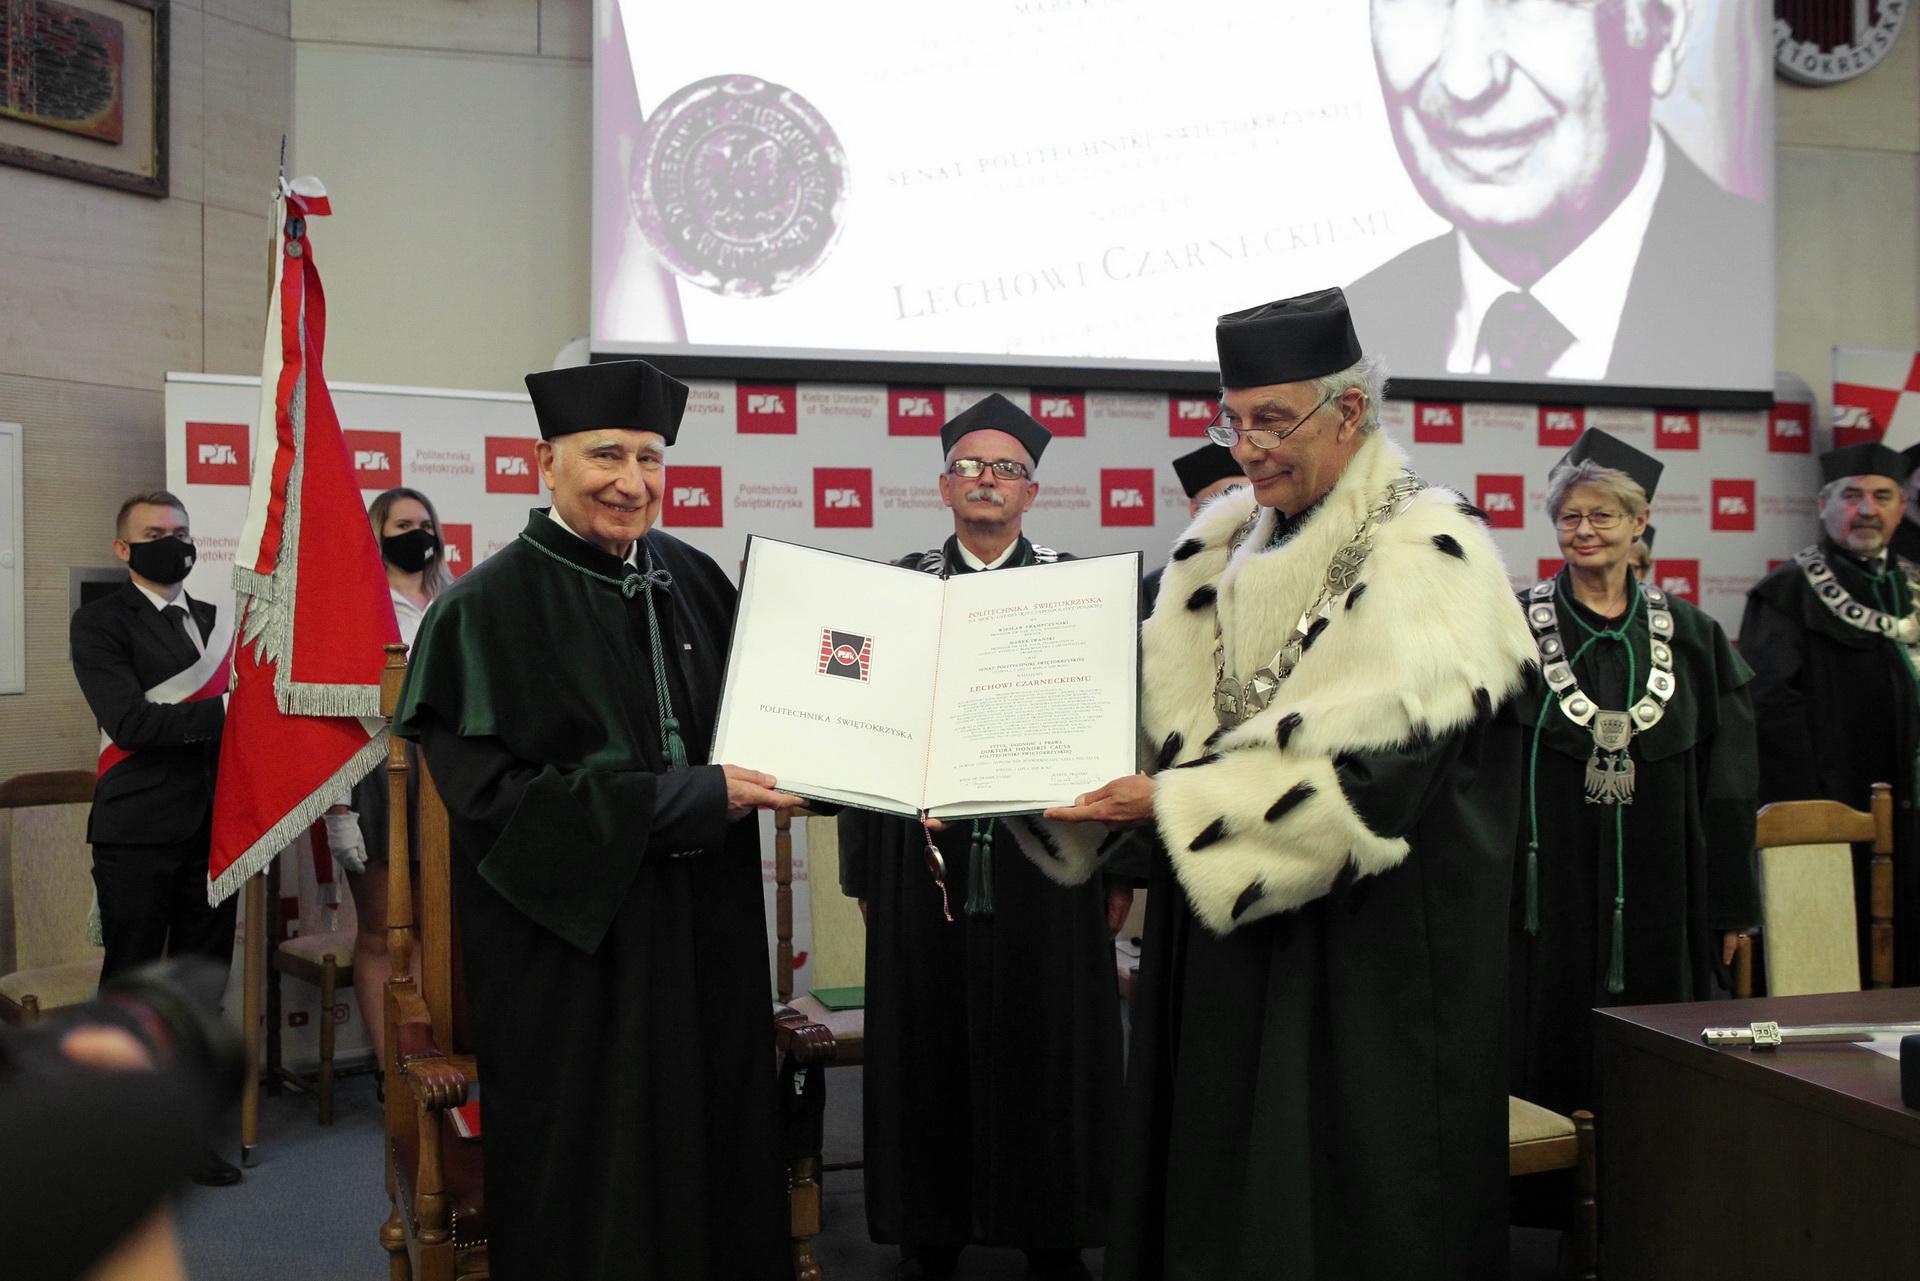 Nadanie tytułu Doktora Honoris Causa Prof. Lechowi Czarneckiemu